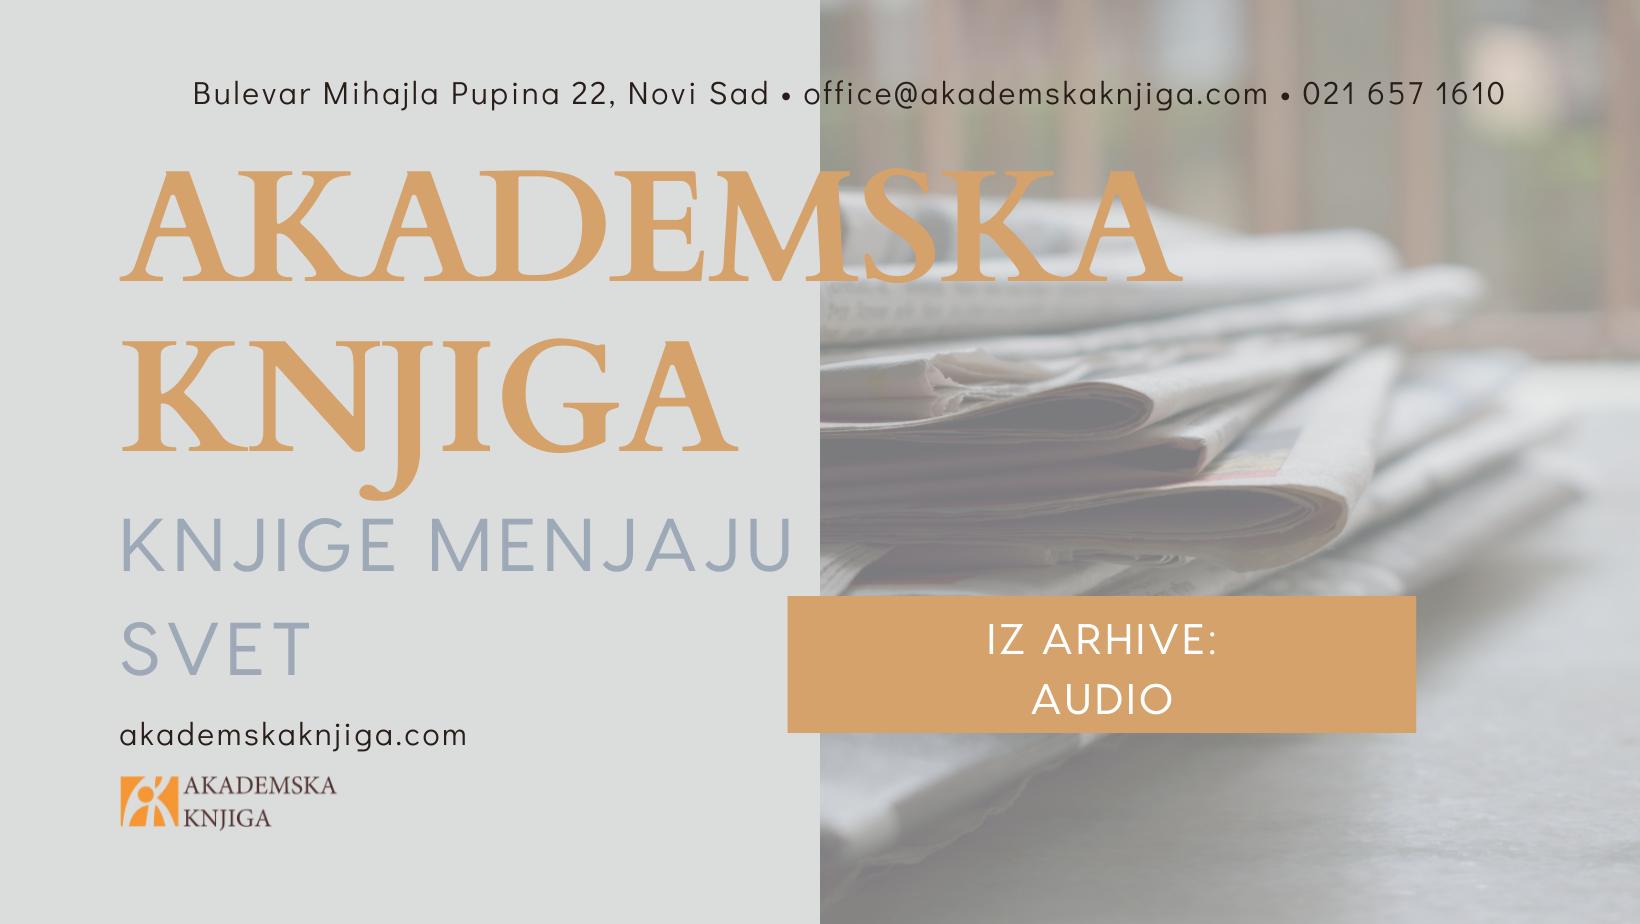 Audio arhiva